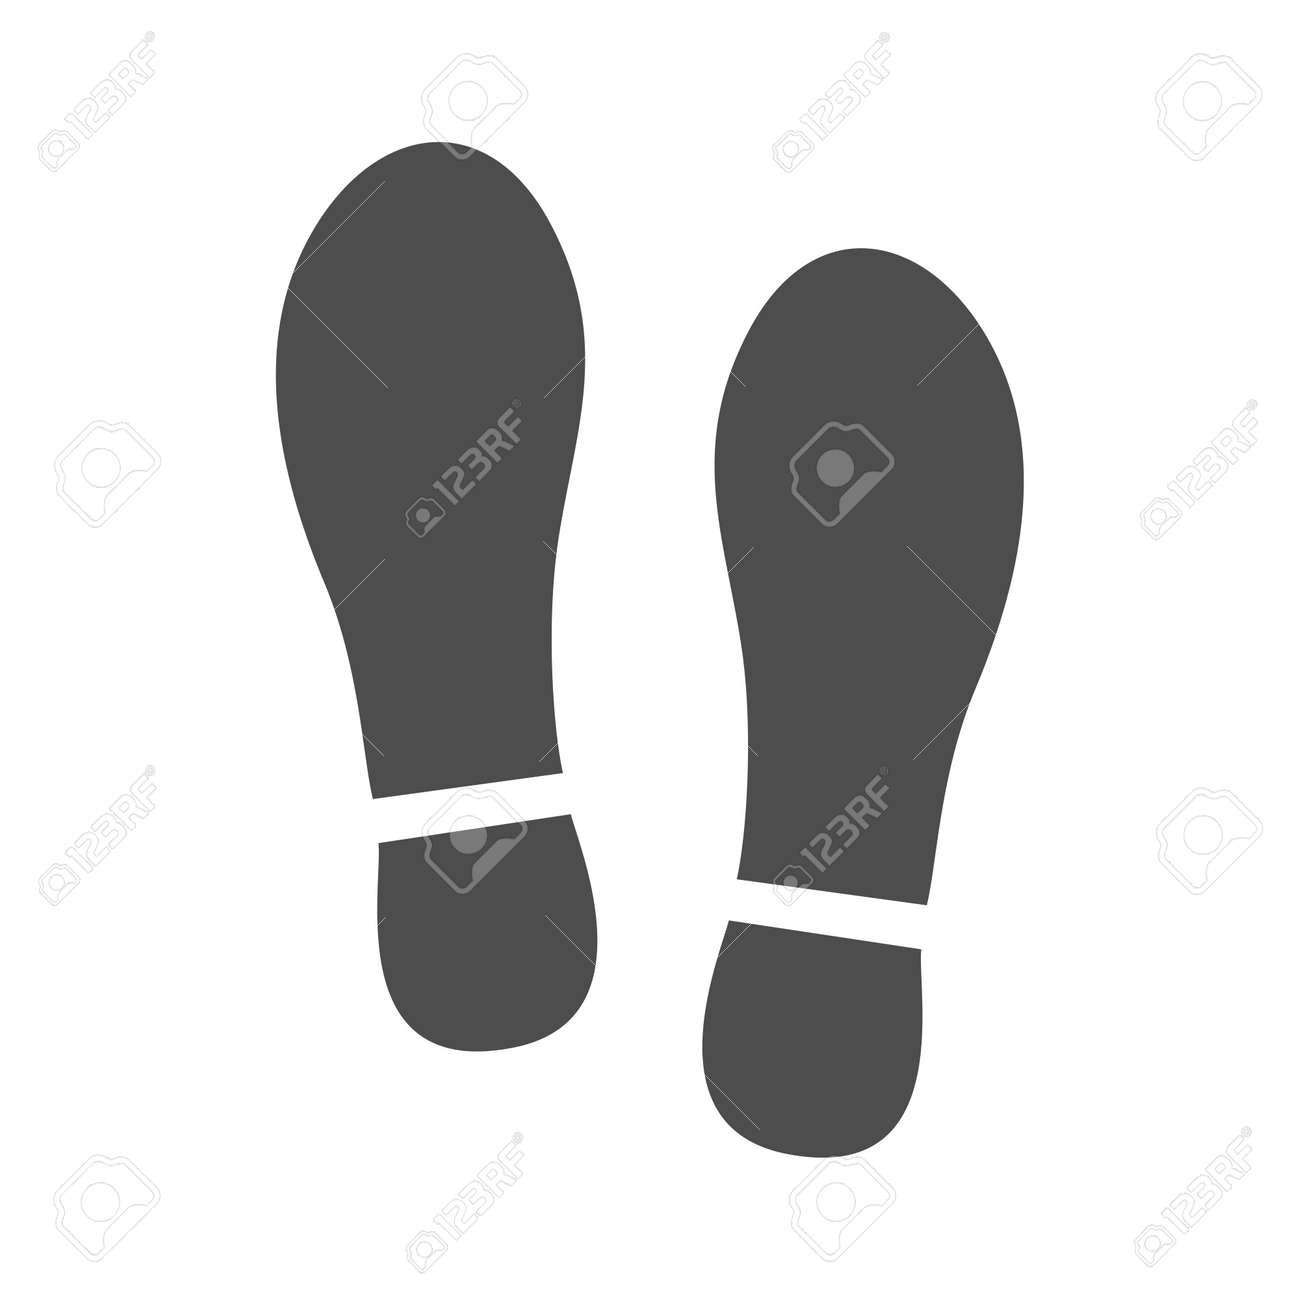 Imprint soles shoes sign icon. Shoe print symbol - 157290588